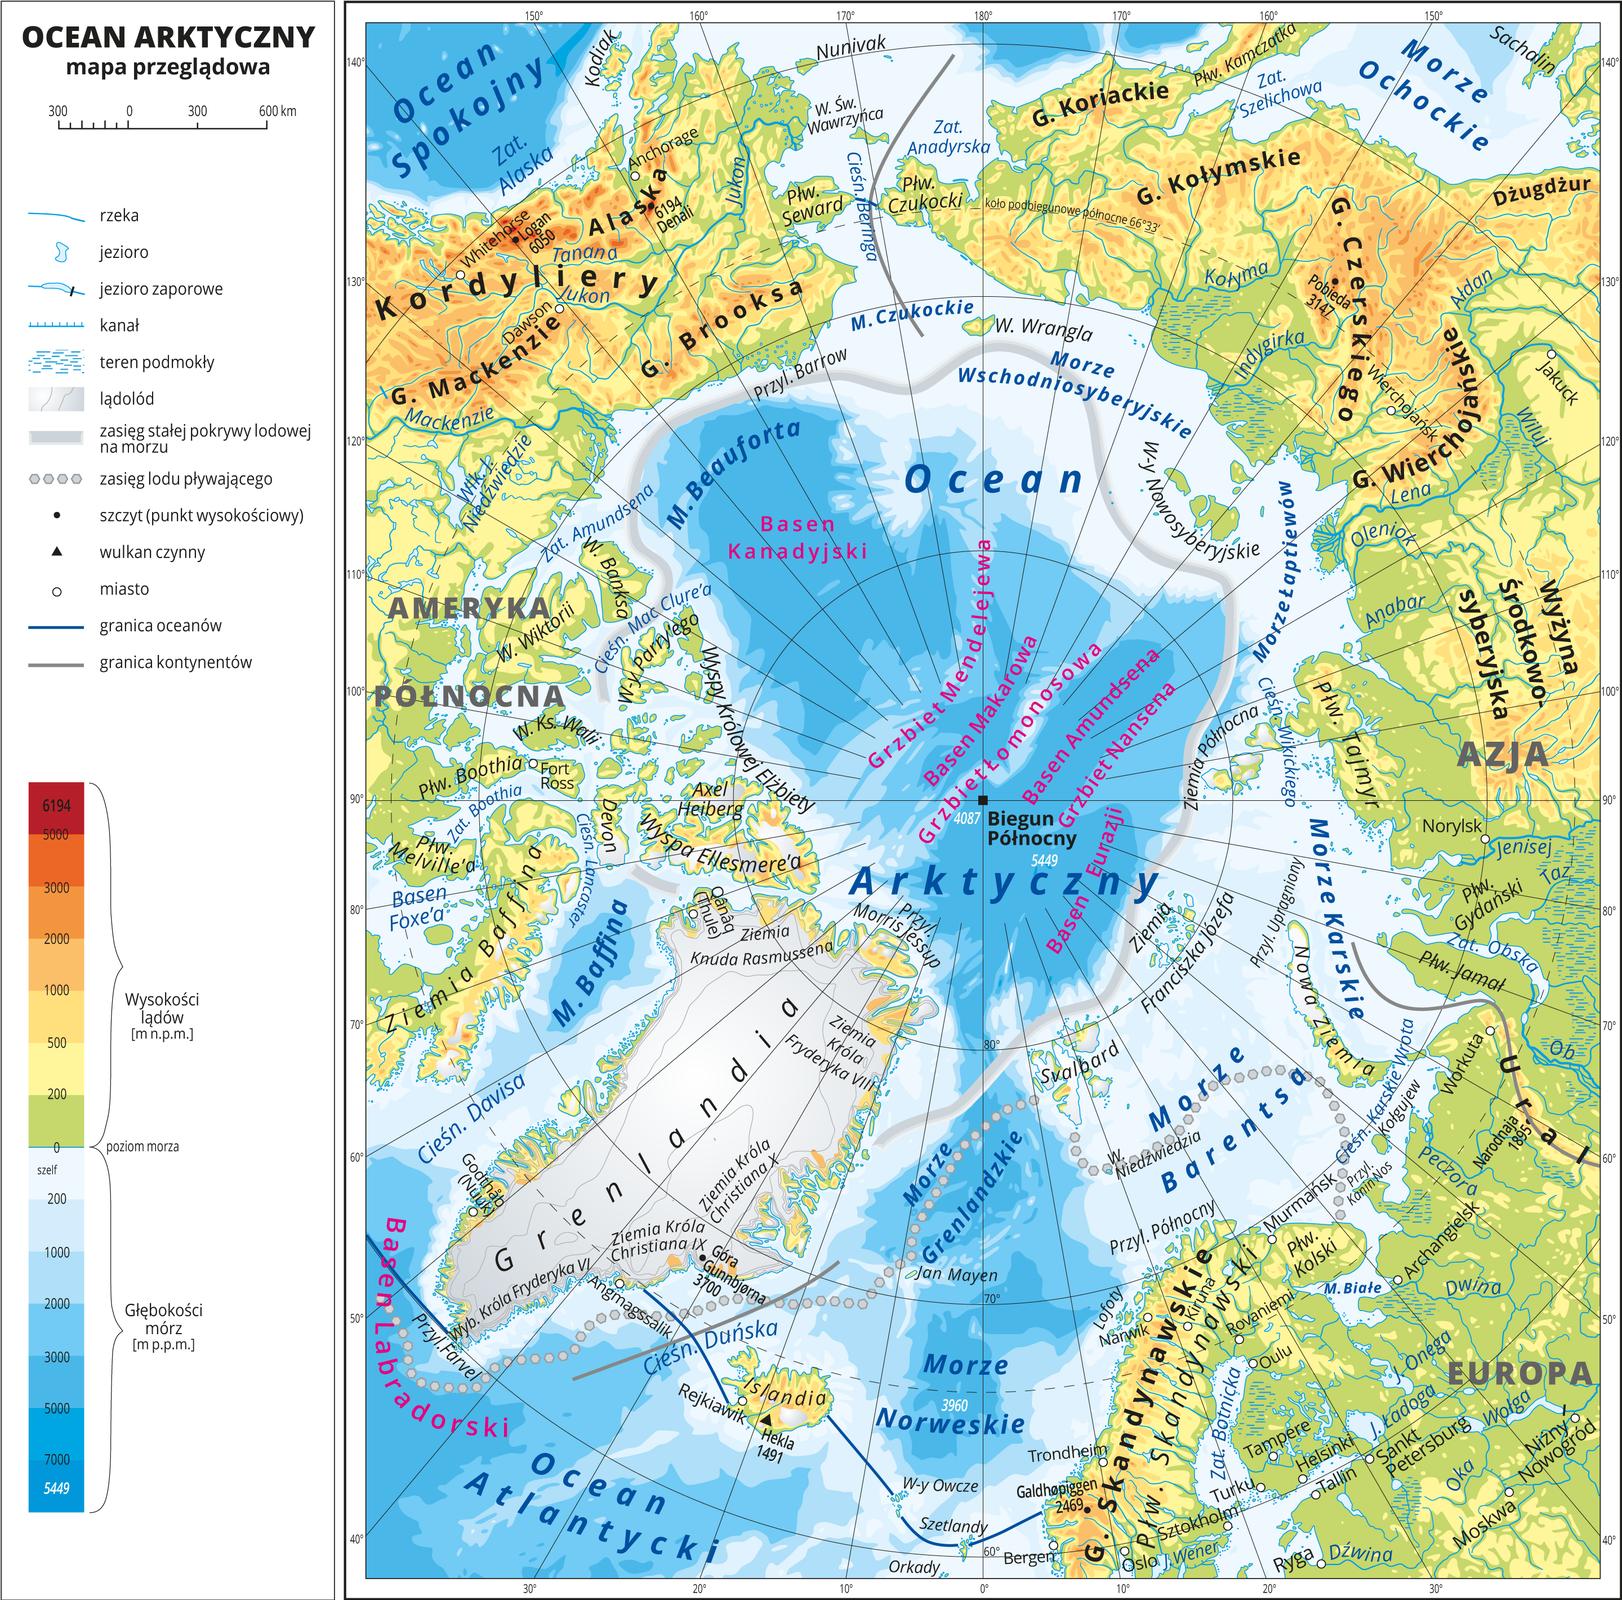 Ilustracja przedstawia mapę Oceanu Arktycznego. Wobrębie lądów występują obszary wkolorze zielonym, żółtym, pomarańczowym iczerwonym. Morza zaznaczono sześcioma odcieniami koloru niebieskiego iopisano głębokości. Ciemniejszy kolor oznacza większą głębokość. Wobrębie wód przeprowadzono granice między oceanami. Na mapie opisano nazwy kontynentów, wysp, głównych pasm górskich, morza izatoki. Oznaczono iopisano największe miasta. Mapa pokryta jest równoleżnikami ipołudnikami. Dookoła mapy wbiałej ramce opisano współrzędne geograficzne co dwadzieścia stopni. Wlegendzie umieszczono iopisano znaki użyte na mapie.